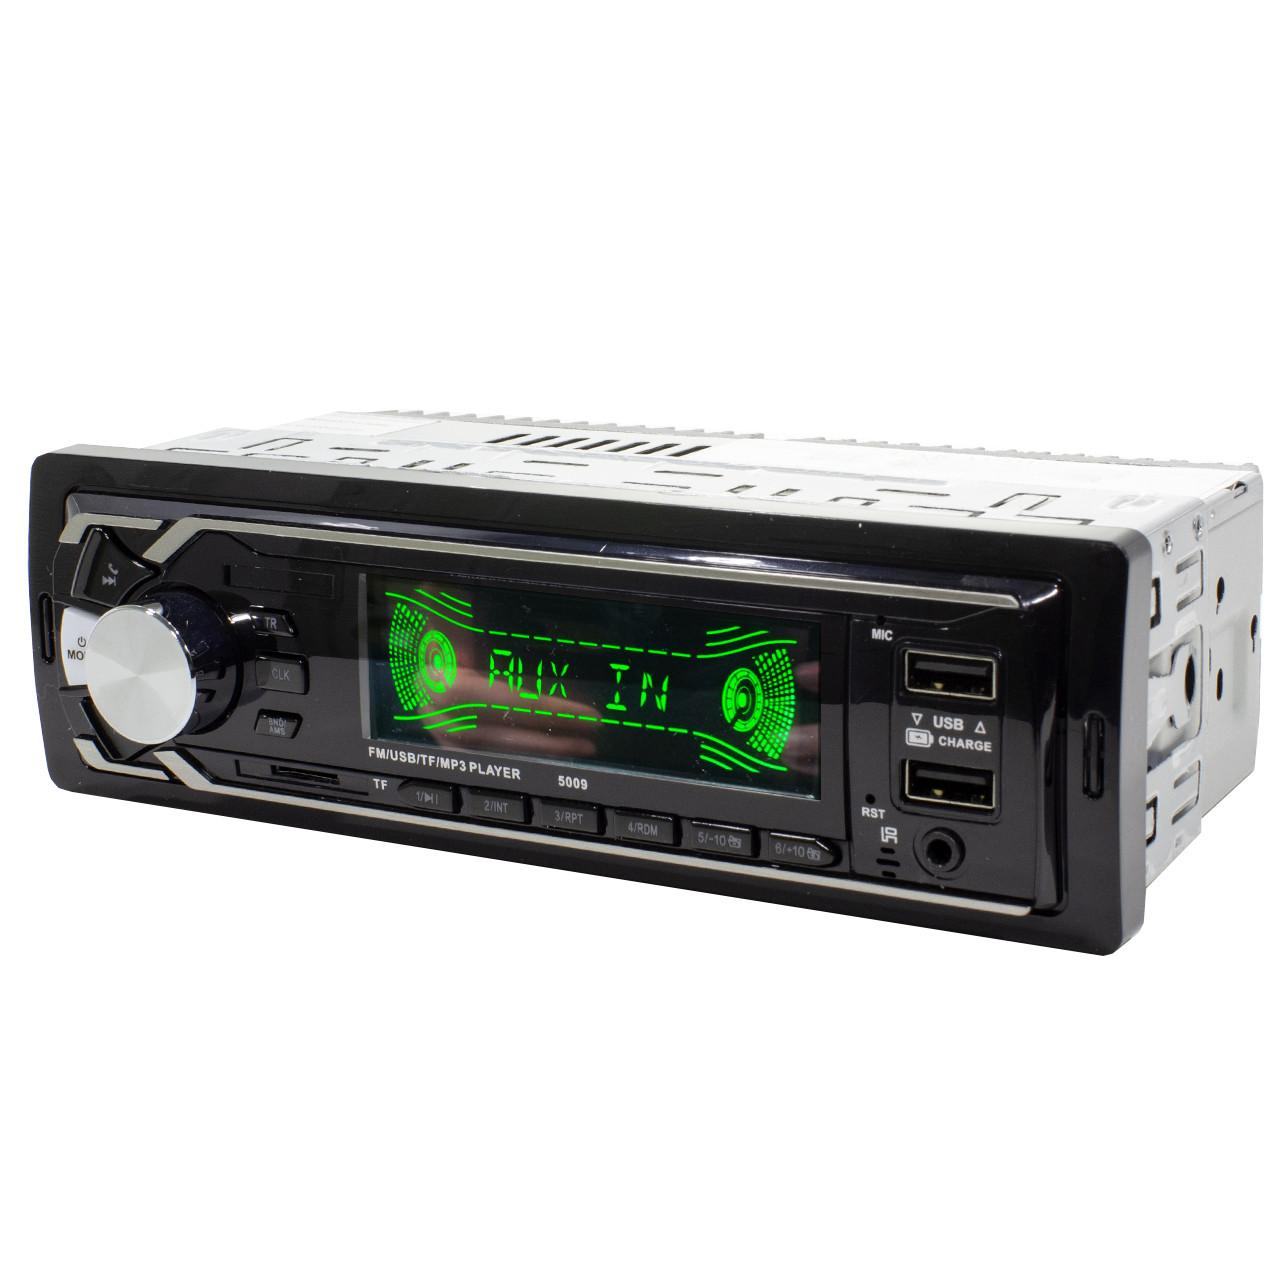 Автомагнитола Lesko 5009 с функцией Bluetooth 1Din прием входящих звонков 2 юсб порта ФМ радио пульт ДУ